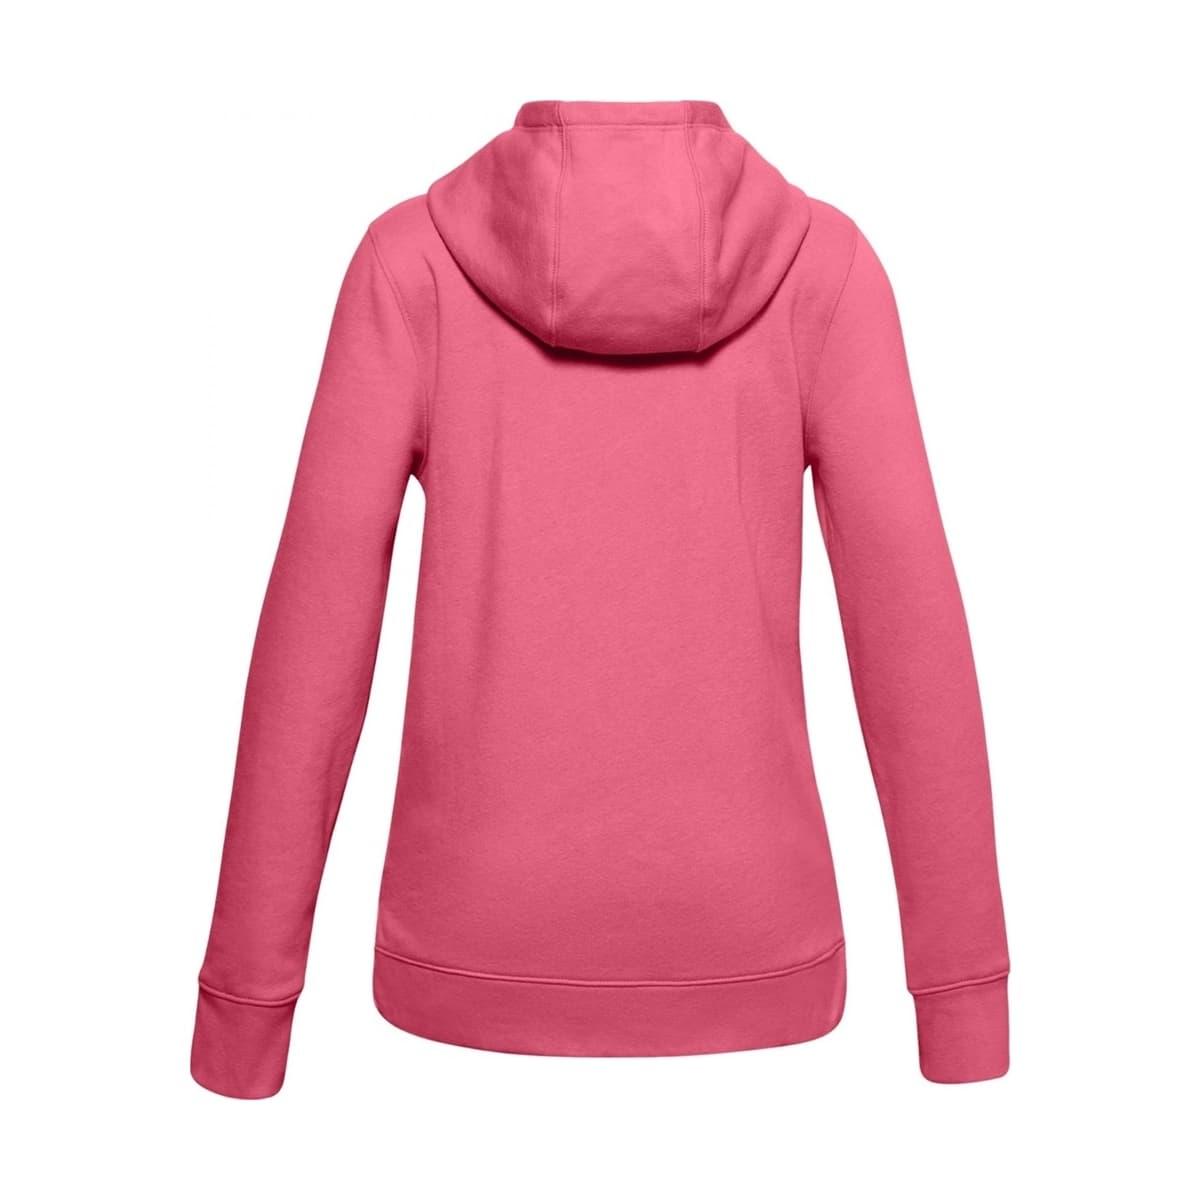 Rival Fleece Kadın Pembe Sweatshirt (1356431-668)